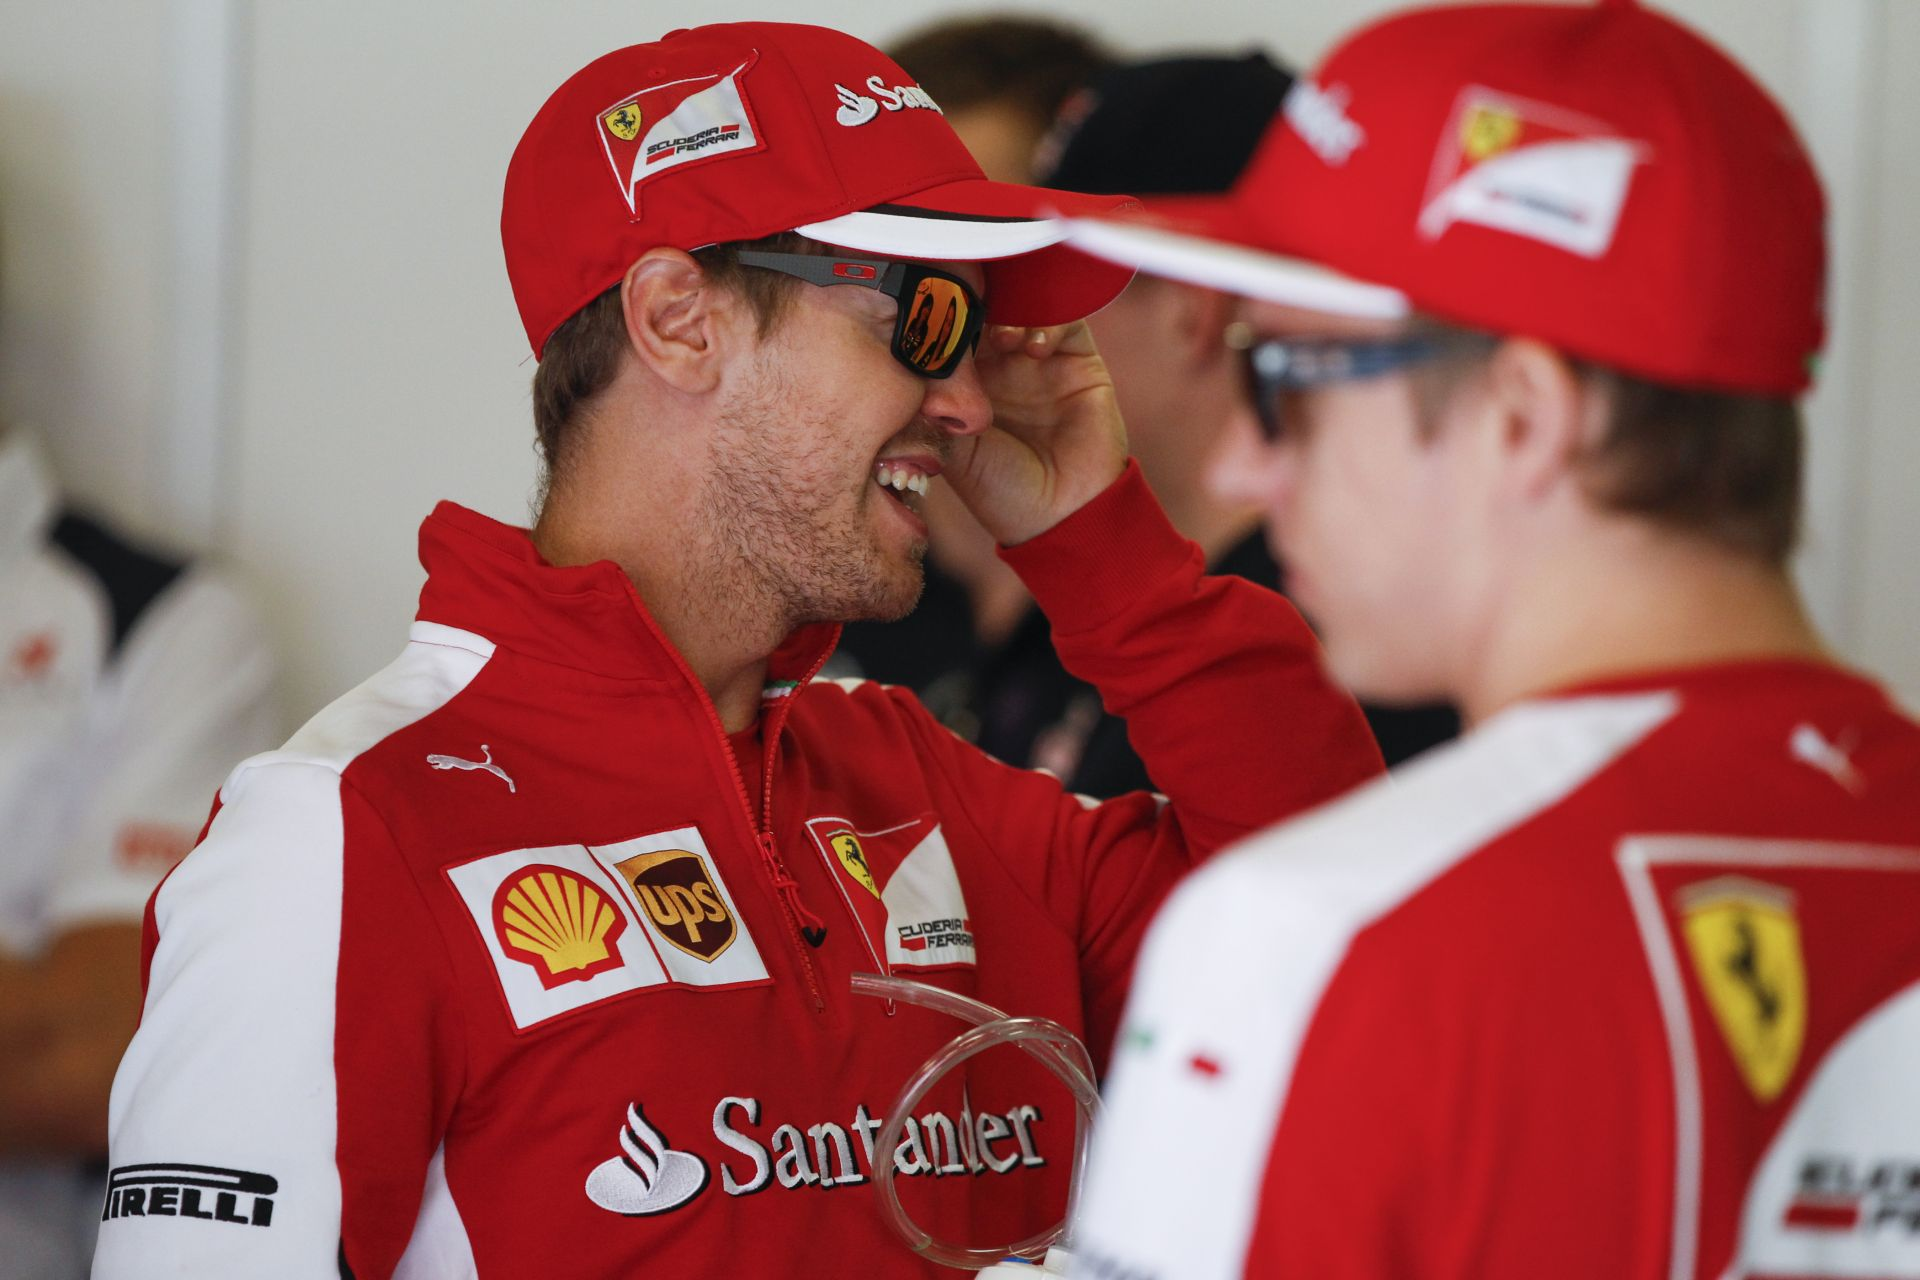 Vettel: Kimivel nem irtózunk egymástól, de azért közeli barátok sem vagyunk!